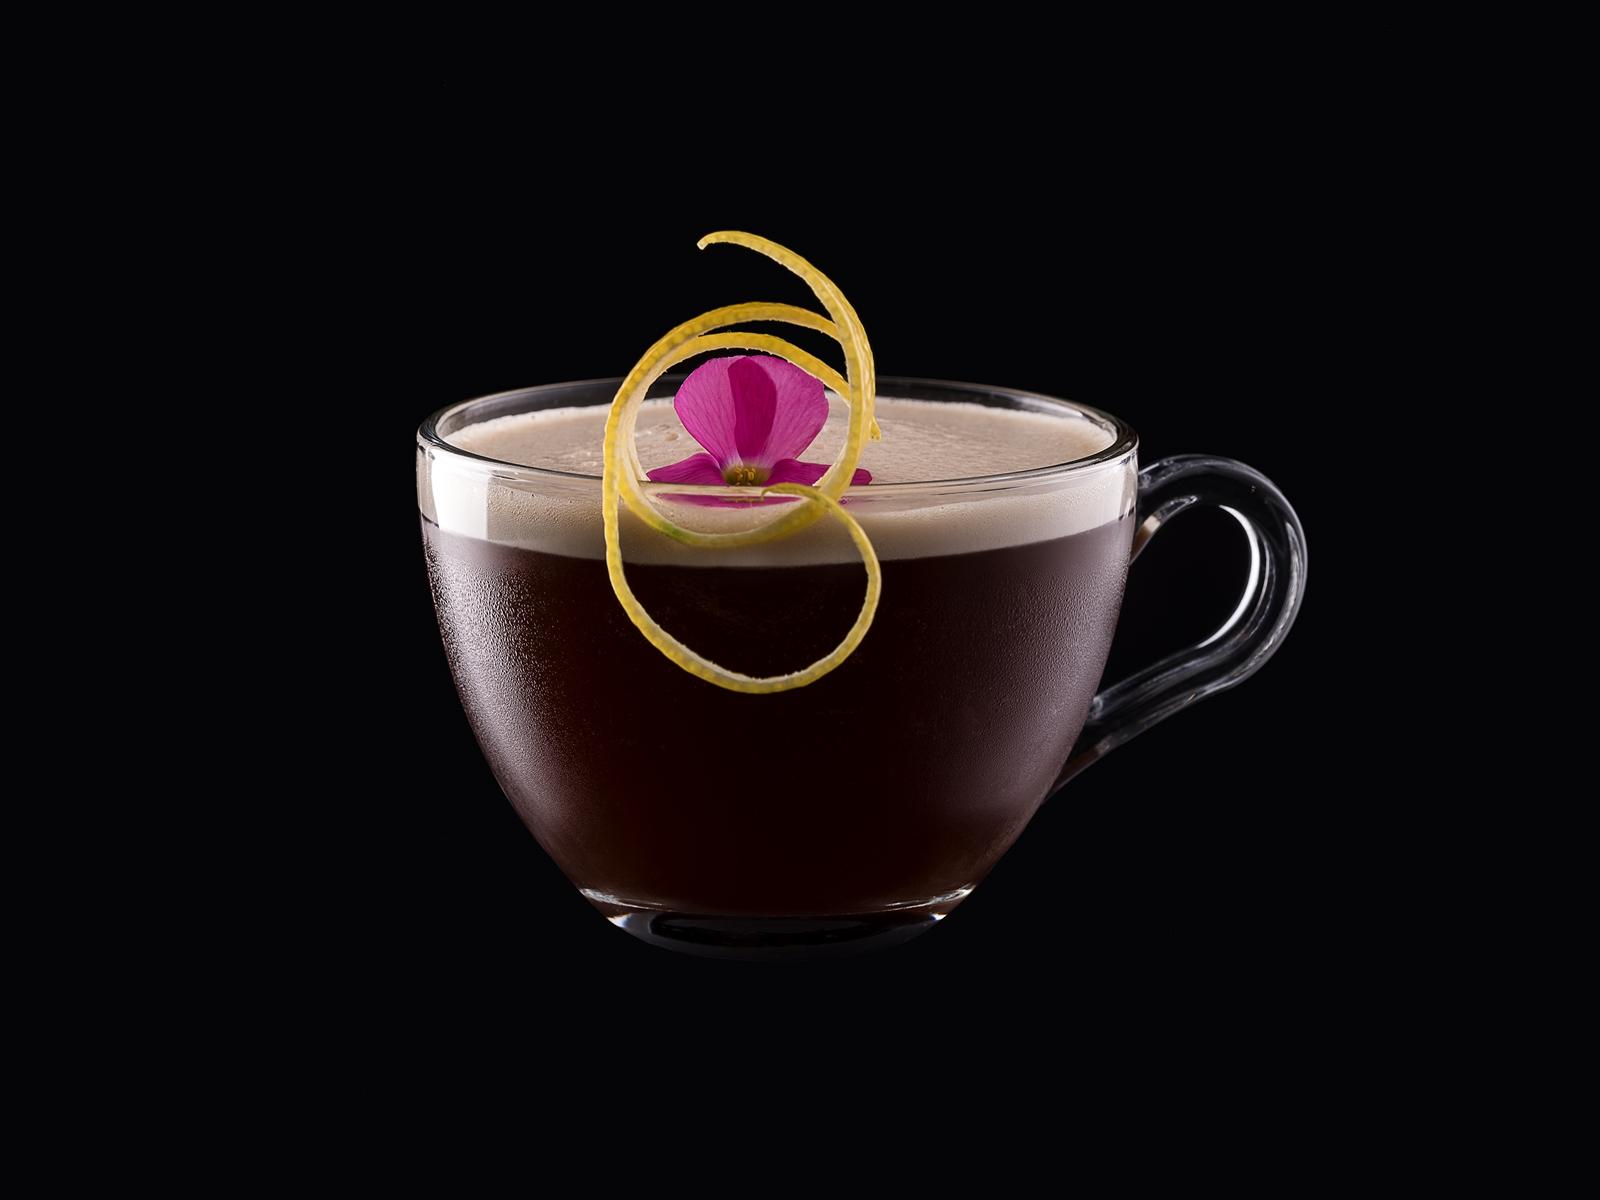 Egy kávé csak nem lehet annyira bonyolult, vagy de? Espresso Daisy Nagy Zoltántól, egy kávé, kis Martini, kicsi gin, kis grenadinszirup, kevés tonkabab, és ha ez nem lenne elég, pár csepp acidum citricum, ami vízben elkevert citromsav.